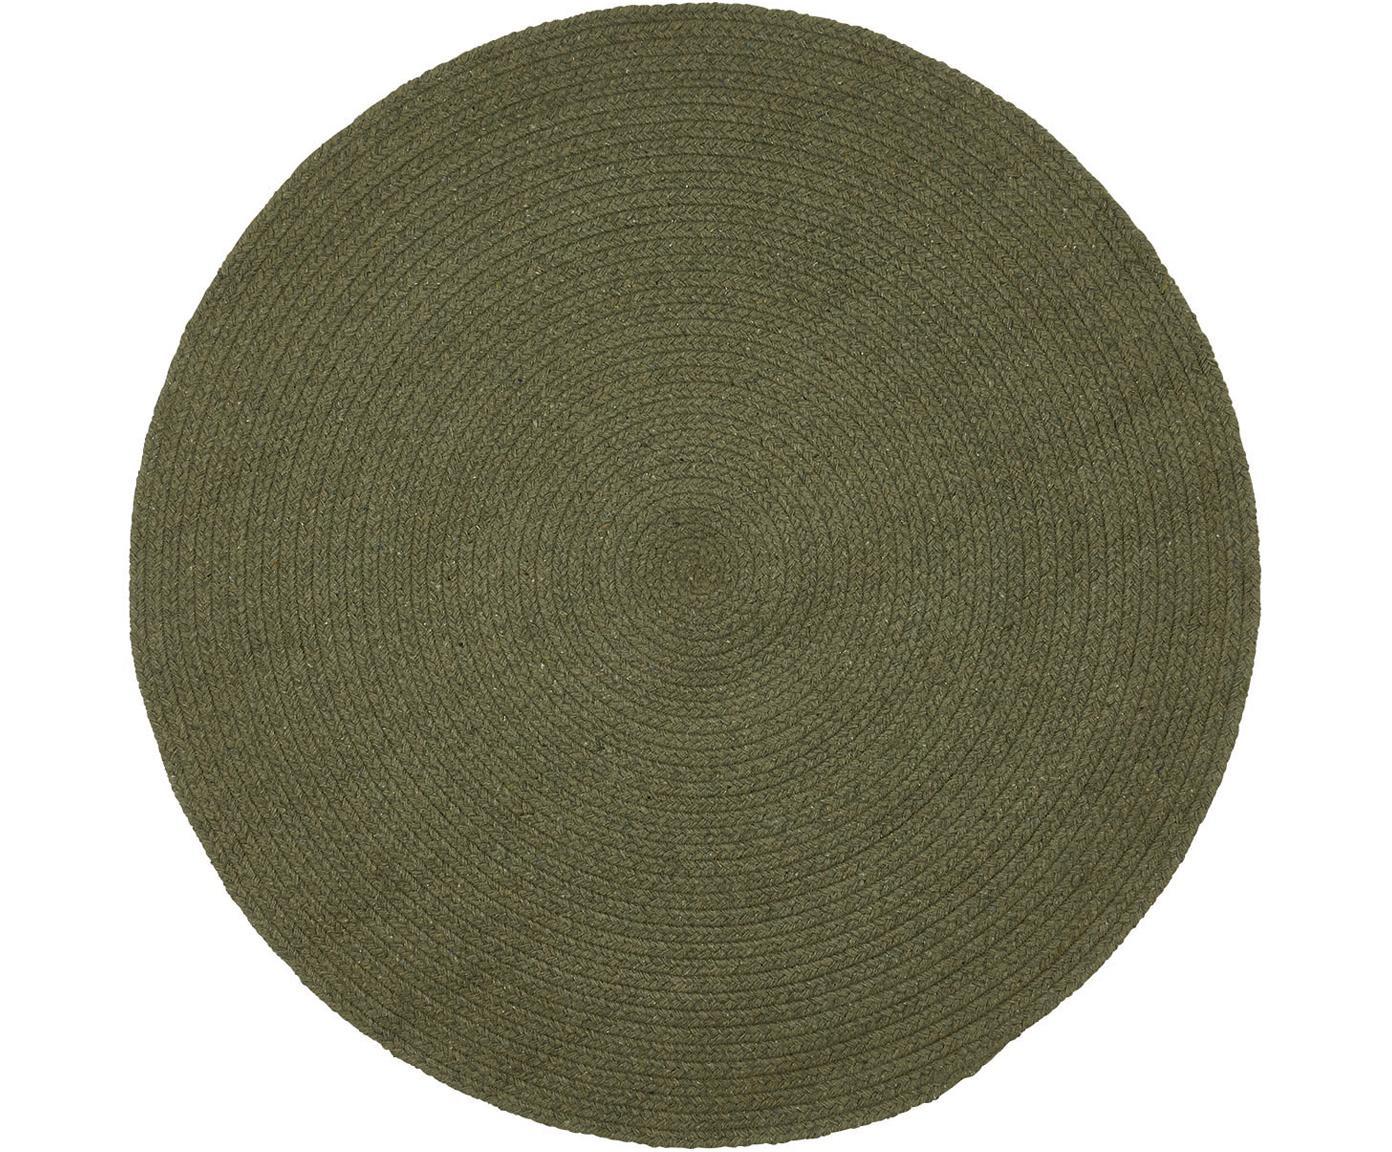 Runder Teppich Moon aus recycelter Baumwolle, 100% Recycelte Baumwolle, Khaki, Ø 90 cm (Grösse XS)